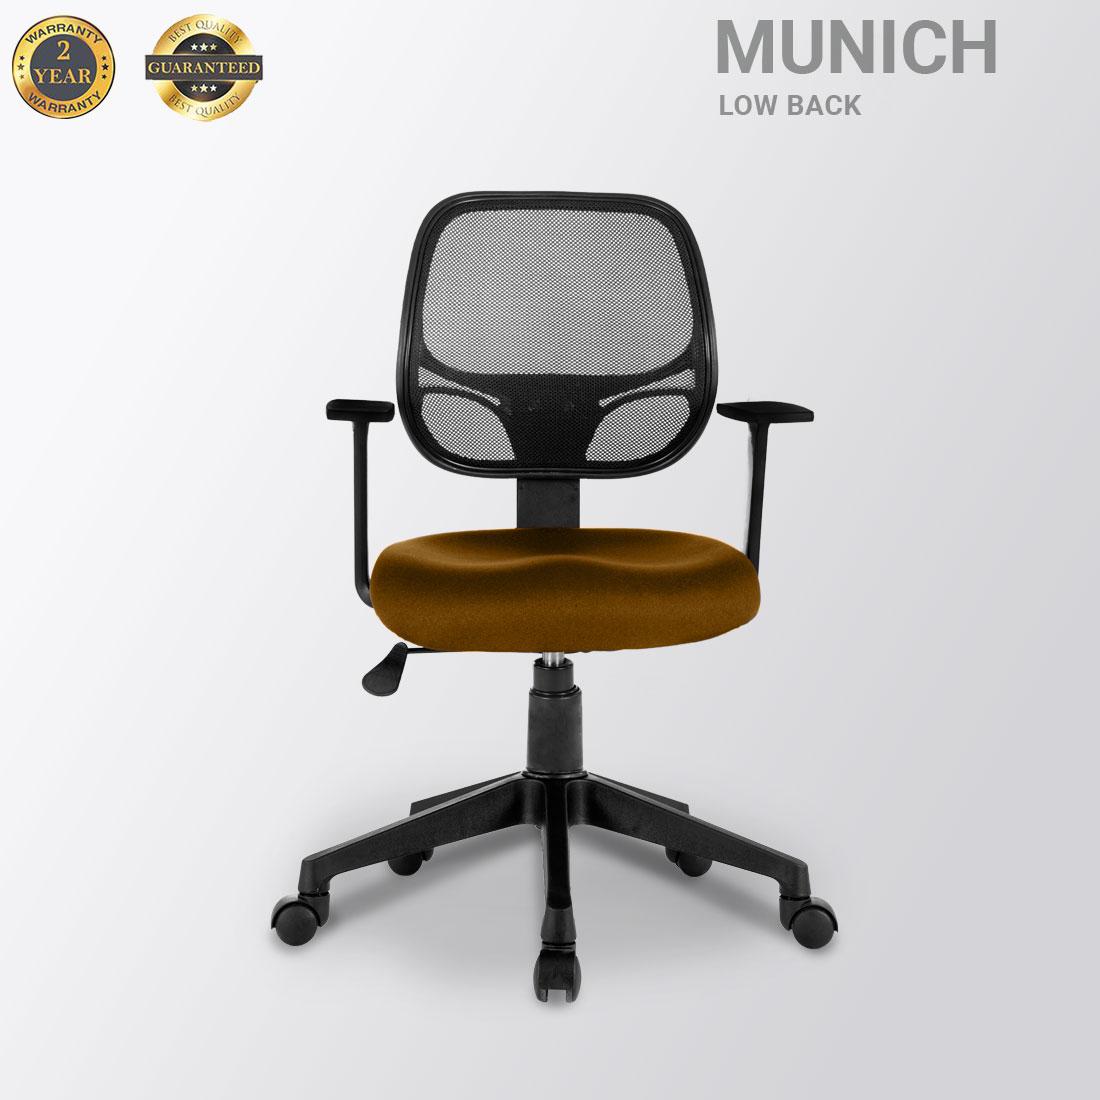 MUNICH LOW BACK MESH MUSTARD